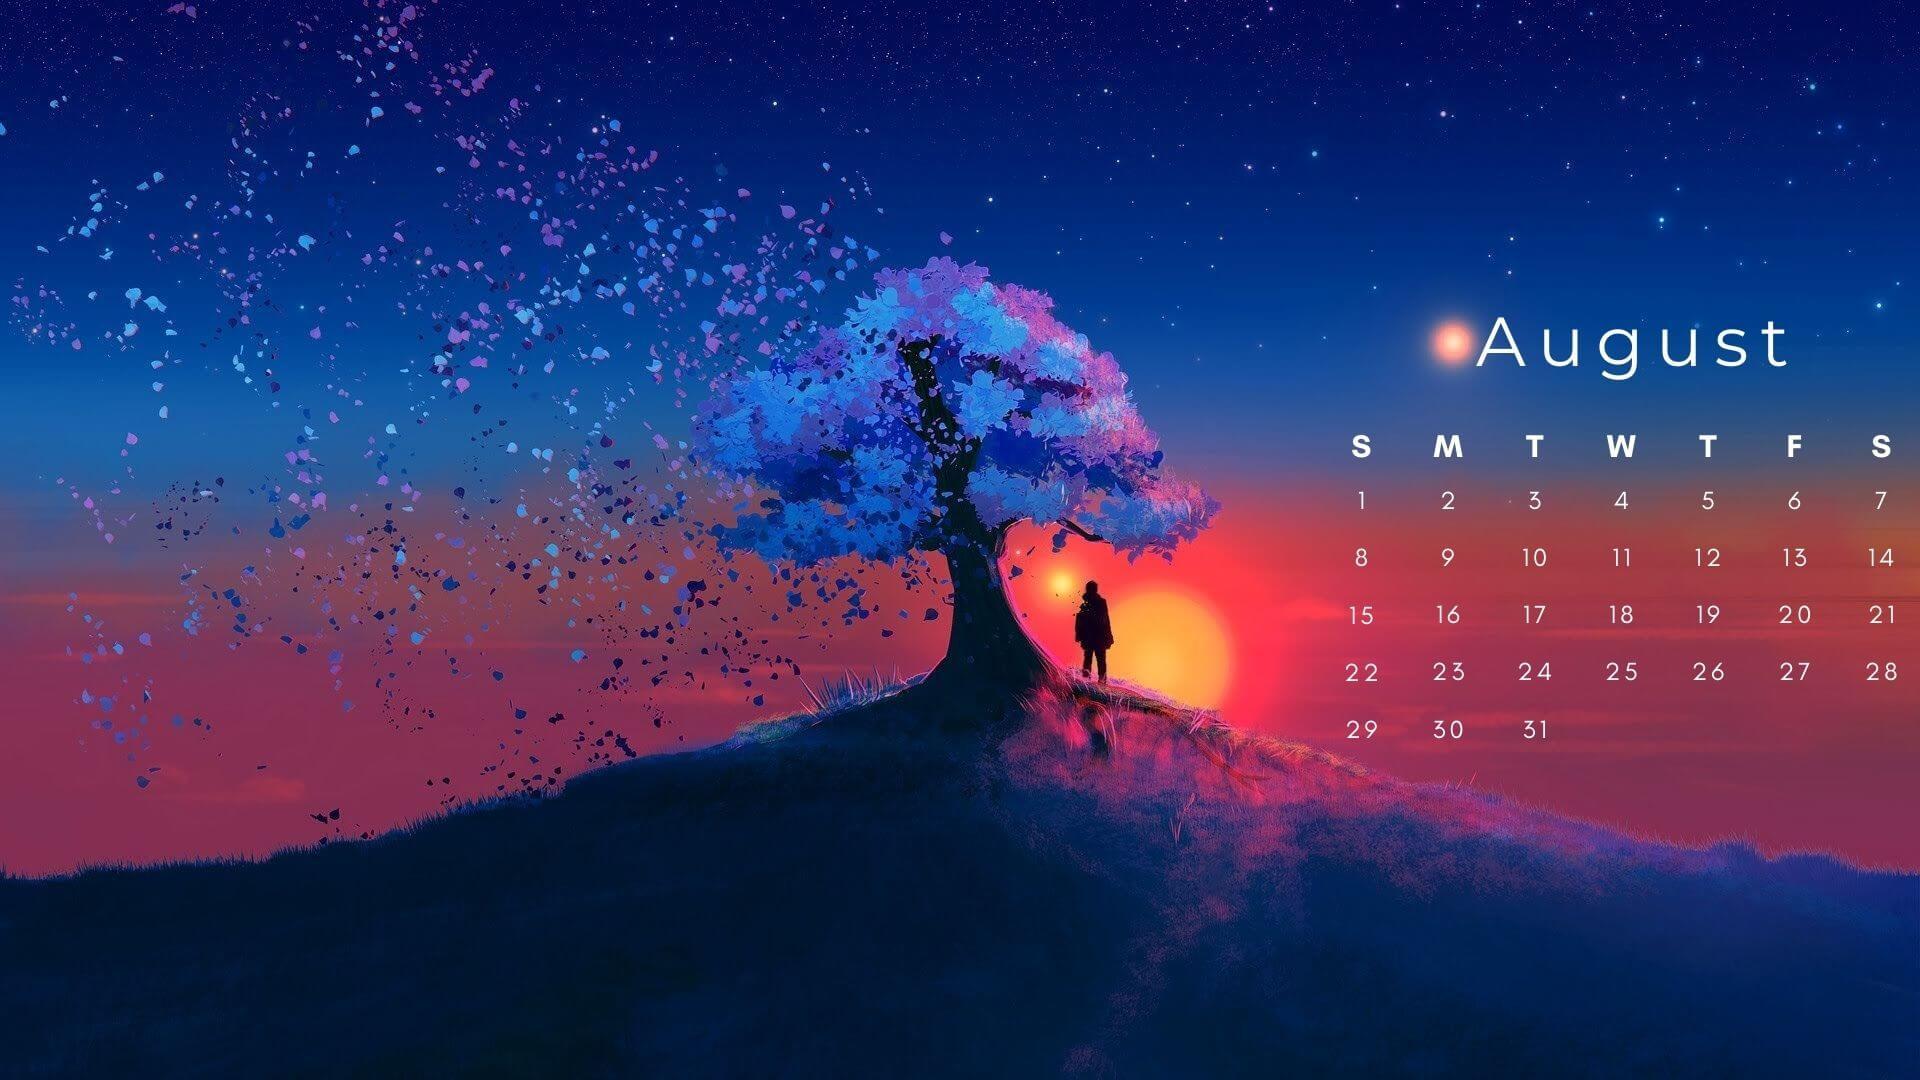 August 2021 HD Calendar Wallpaper